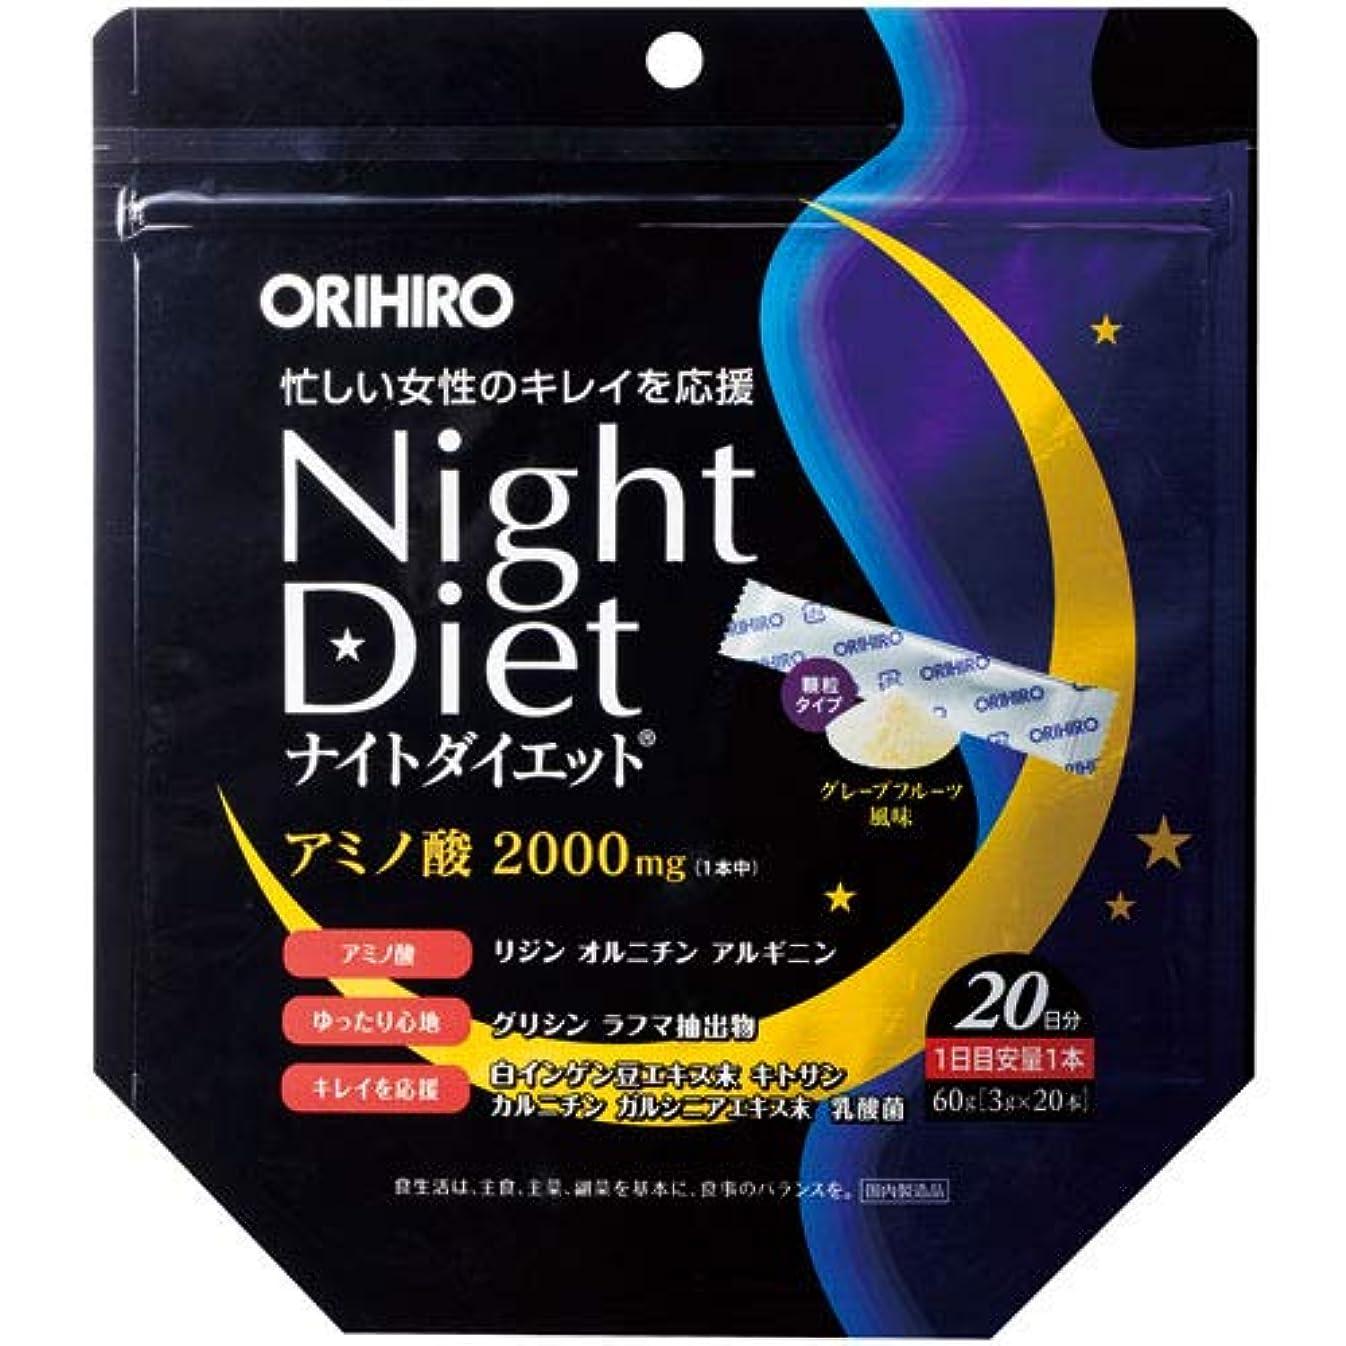 健康抵抗力があるマウントバンクオリヒロ ナイトダイエット 顆粒 20本×2個セット